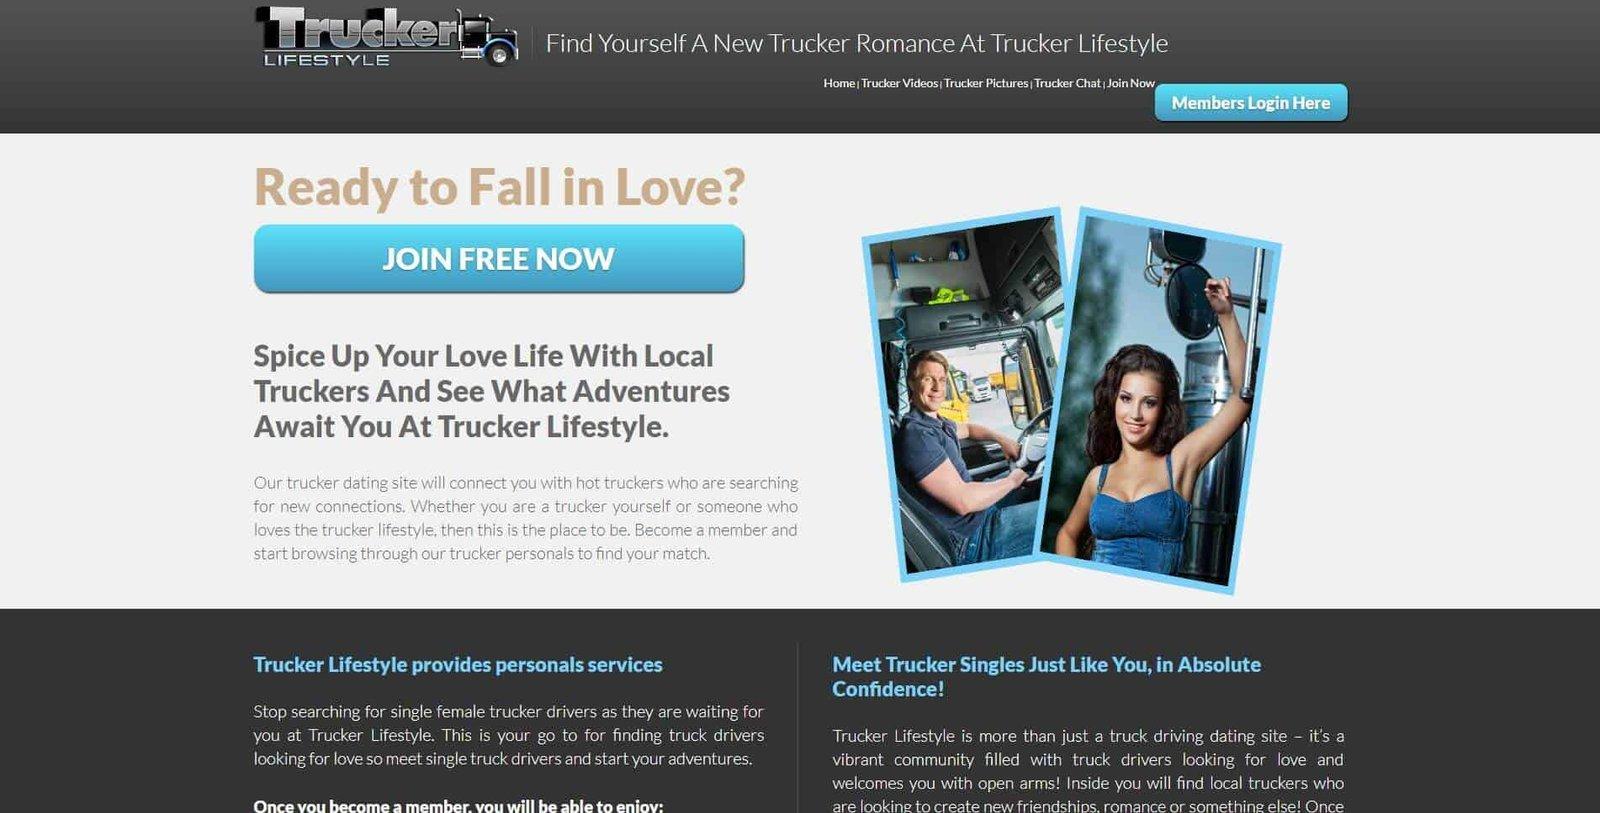 gratis dating sites voor truckers Online Dating voor wetshandhaving